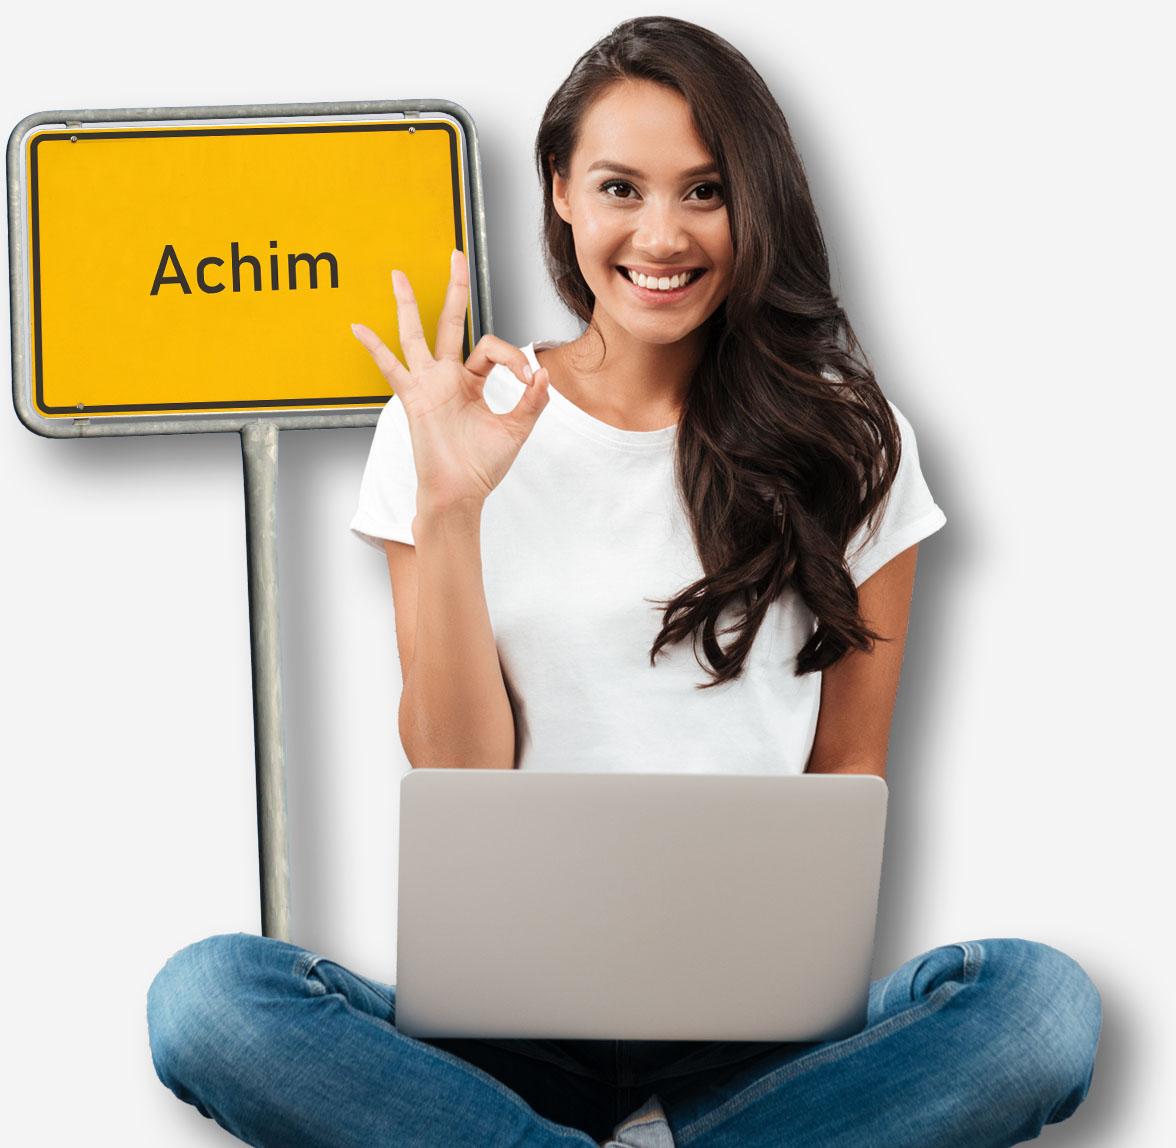 Digitalberatung für Achim - Stadt an der Weser Head